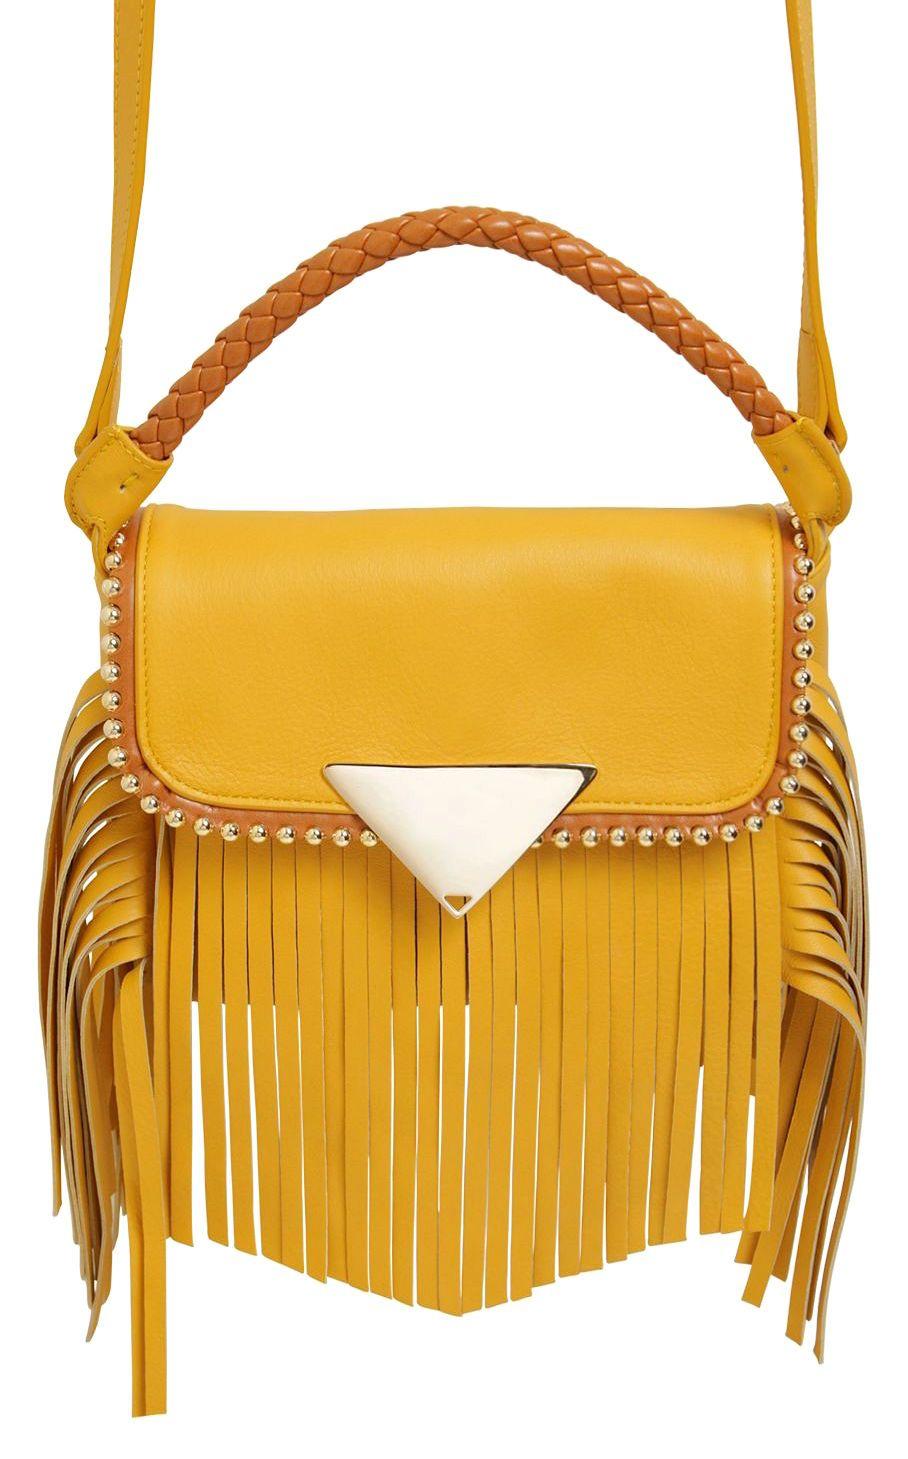 ef7bd6f892 Sara Battaglia Sping 2016 mini amber leather shoulder bag. Bőrtáska, Bőr  Válltáska, Sárga